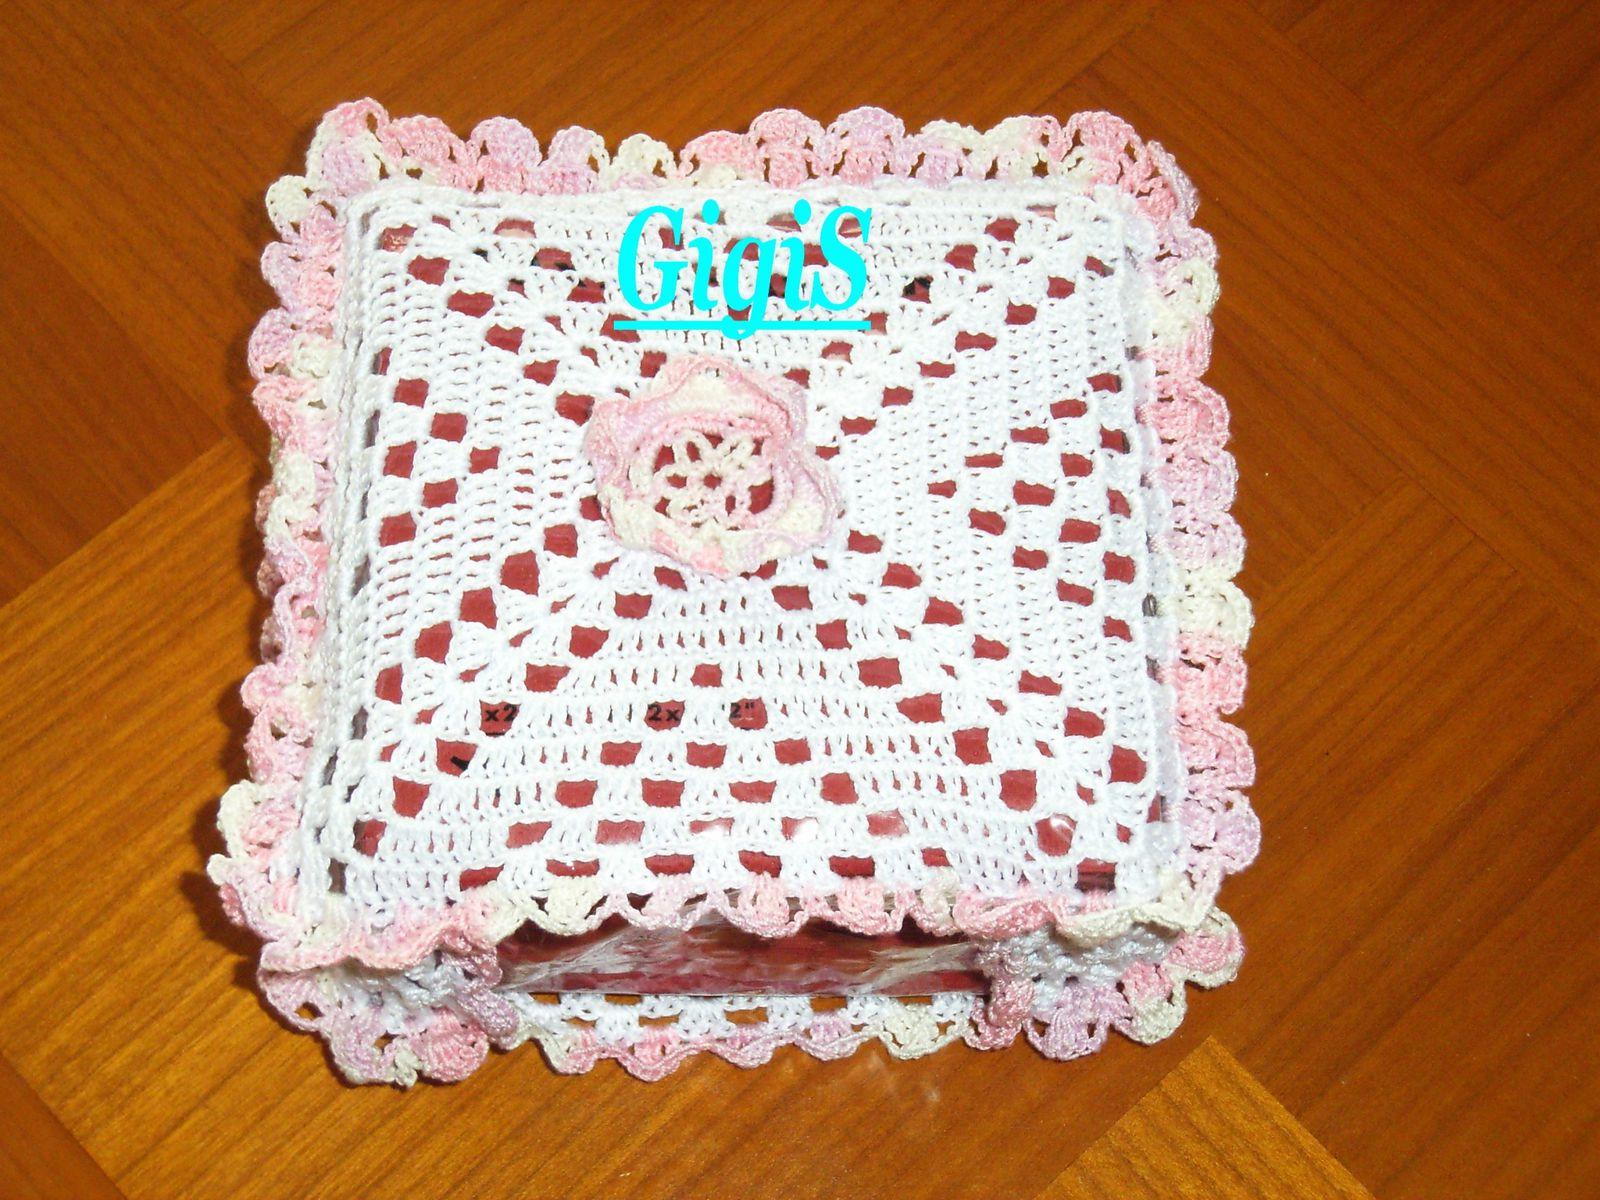 accessoires au crochet - Le blog de gigiS